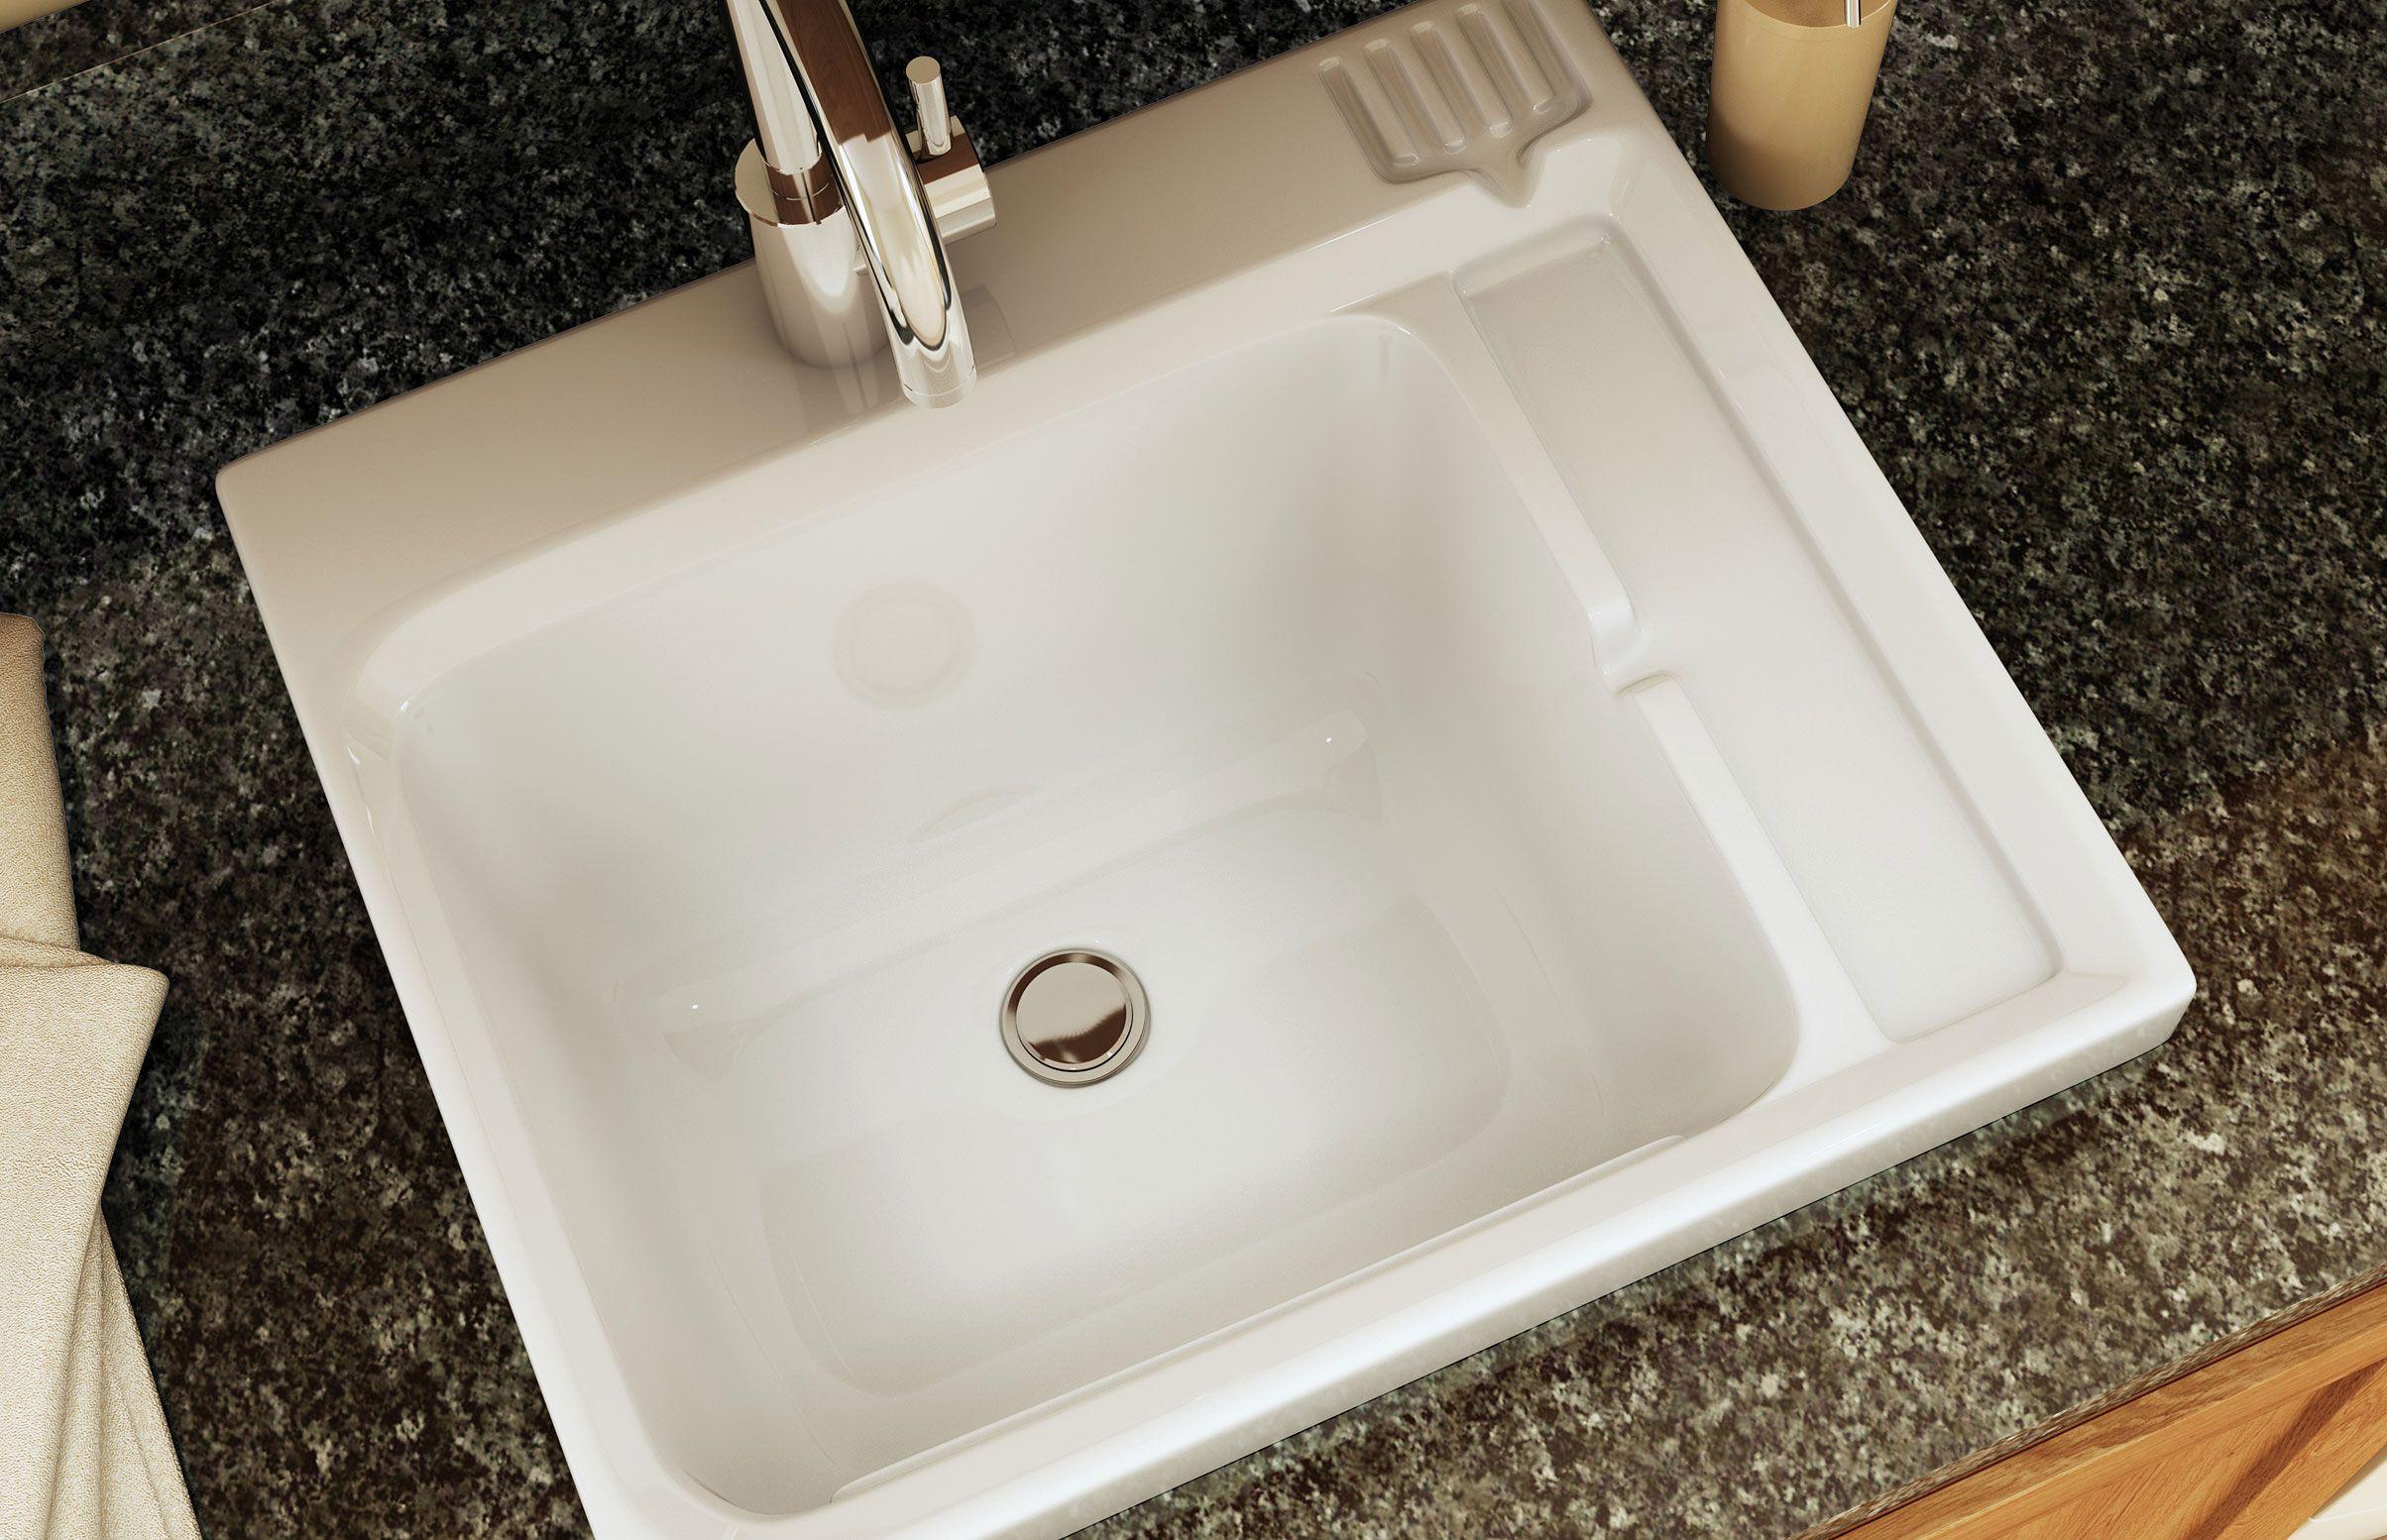 Cuve lavage evia maax salle de bain pinterest for Cuve fioul dans garage